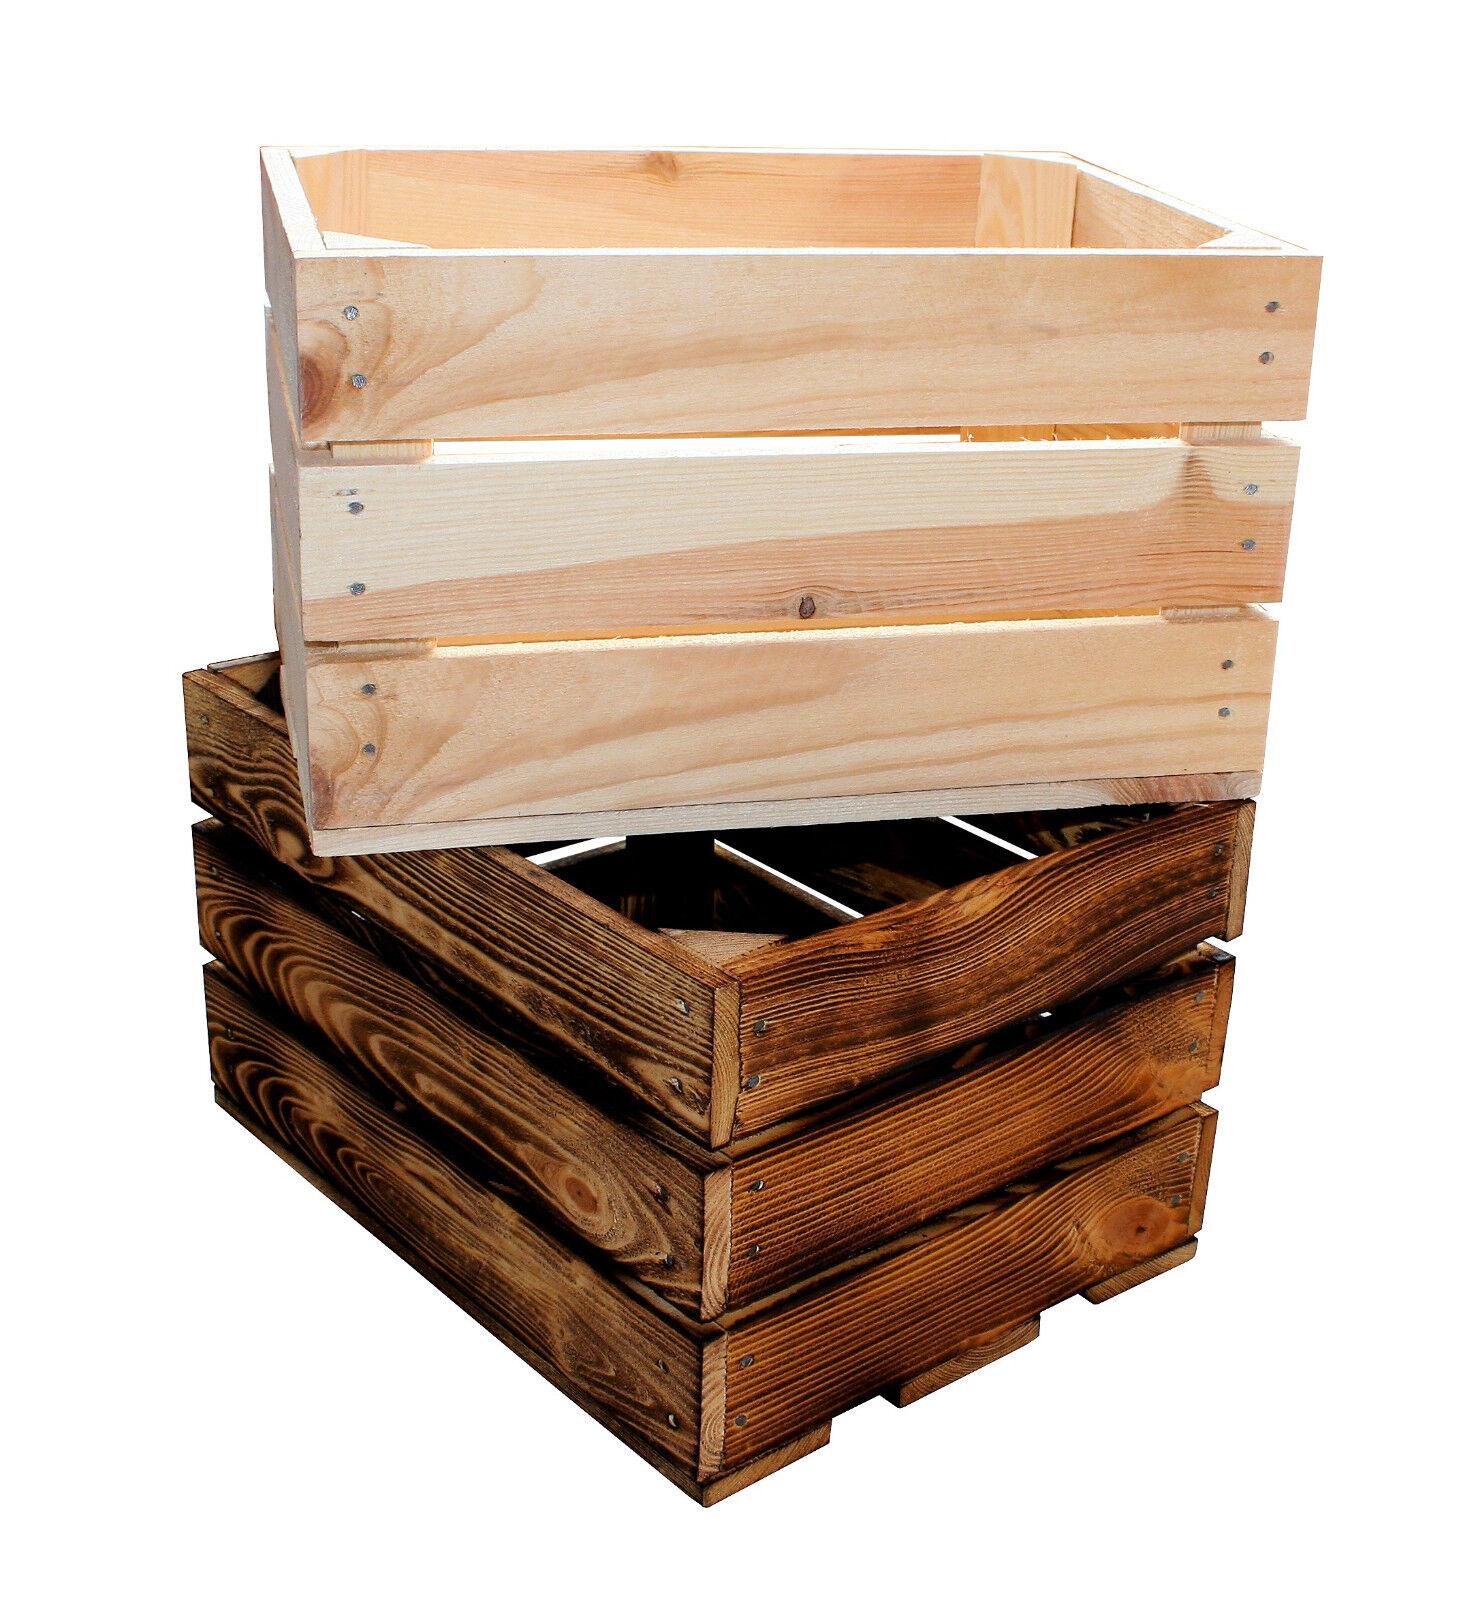 1 Stück NEUE Holzkisten Obstkisten Apfelkisten Weinkiste 40x30x23,5 cm TOP